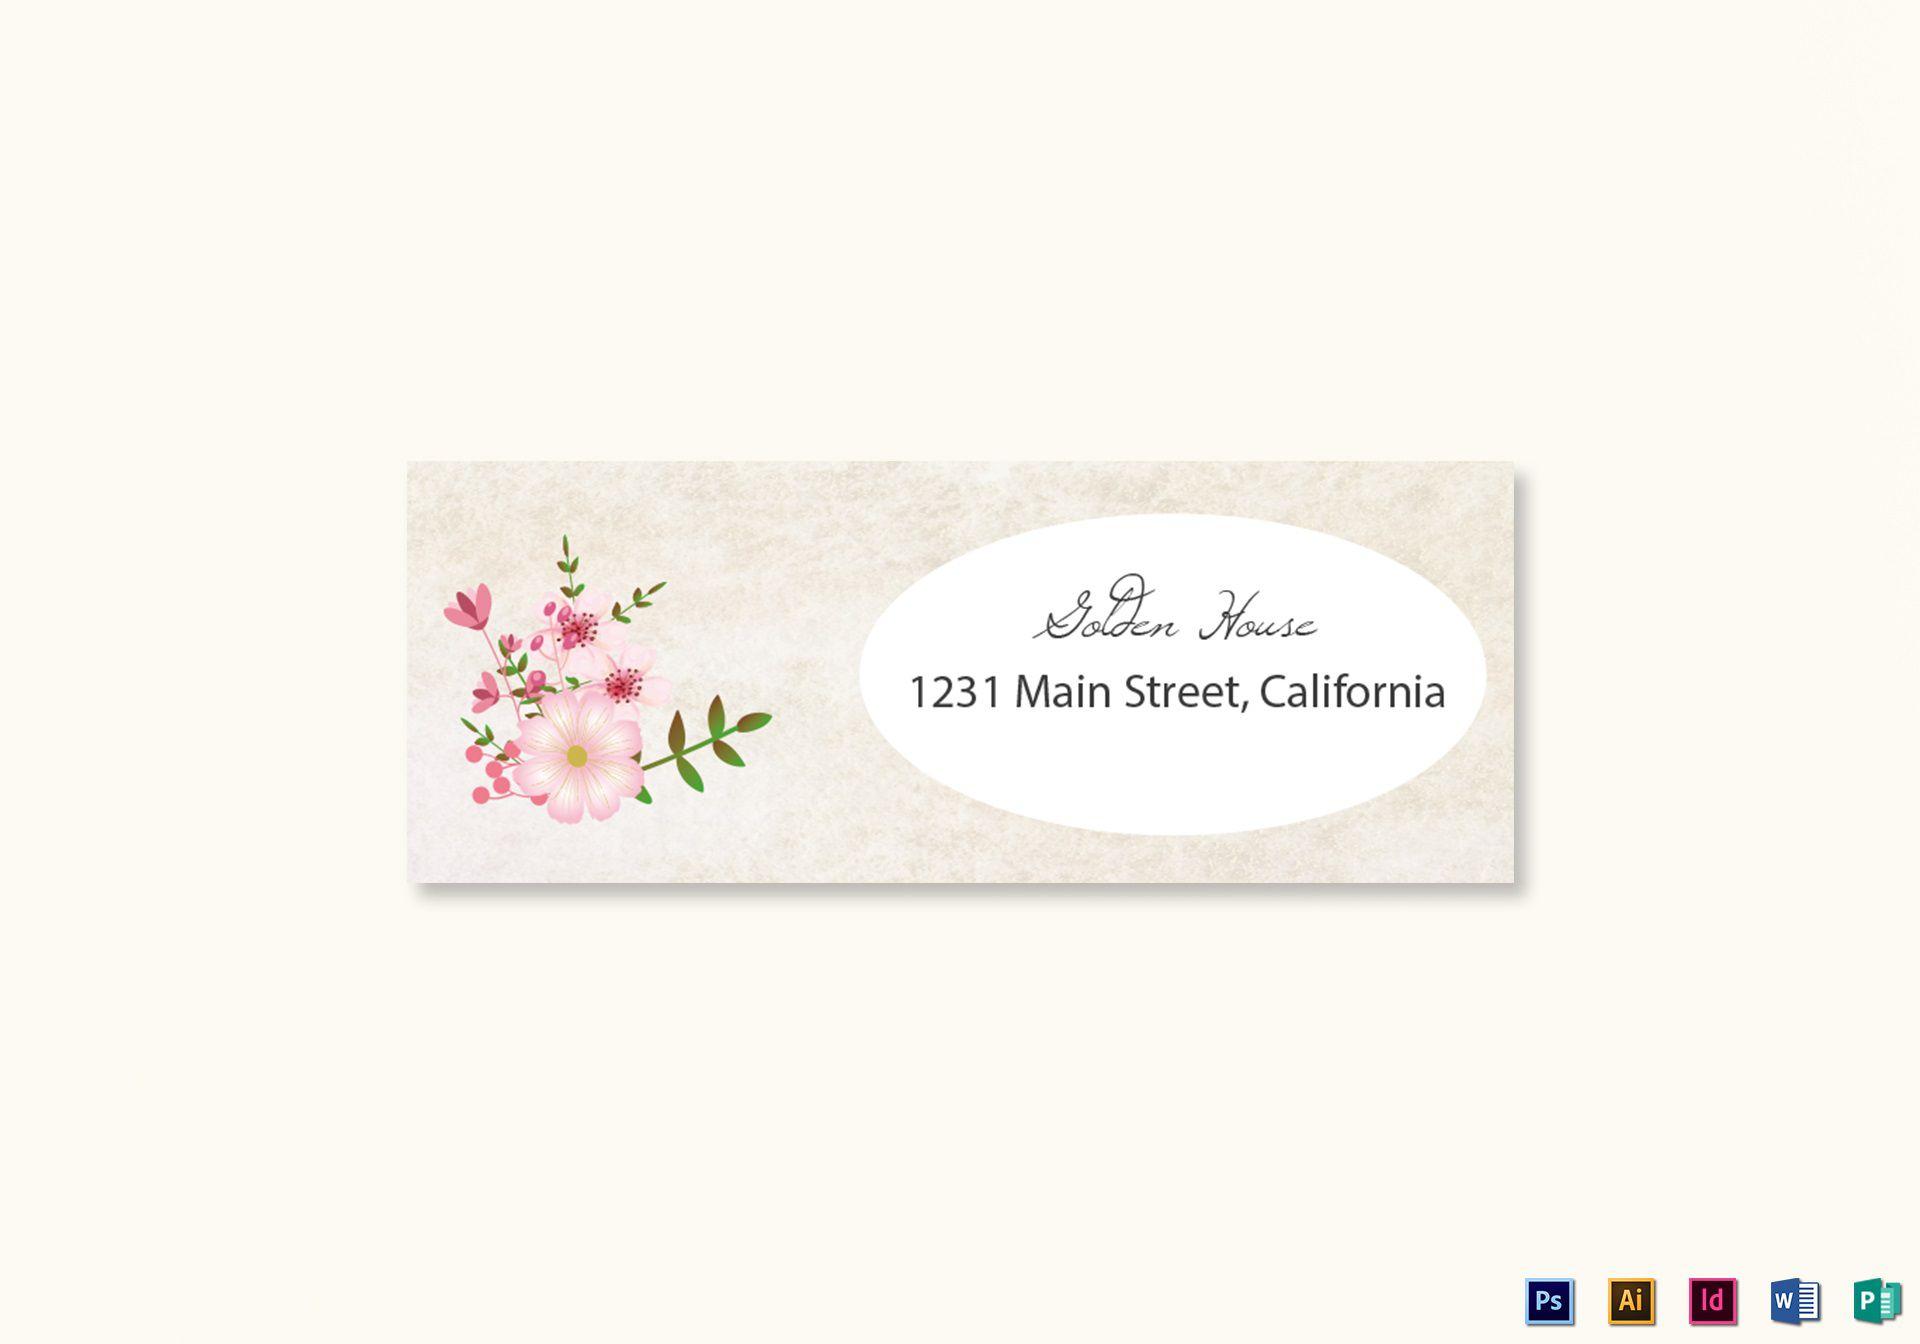 008 Marvelou Wedding Addres Label Template Design  Free PrintableFull